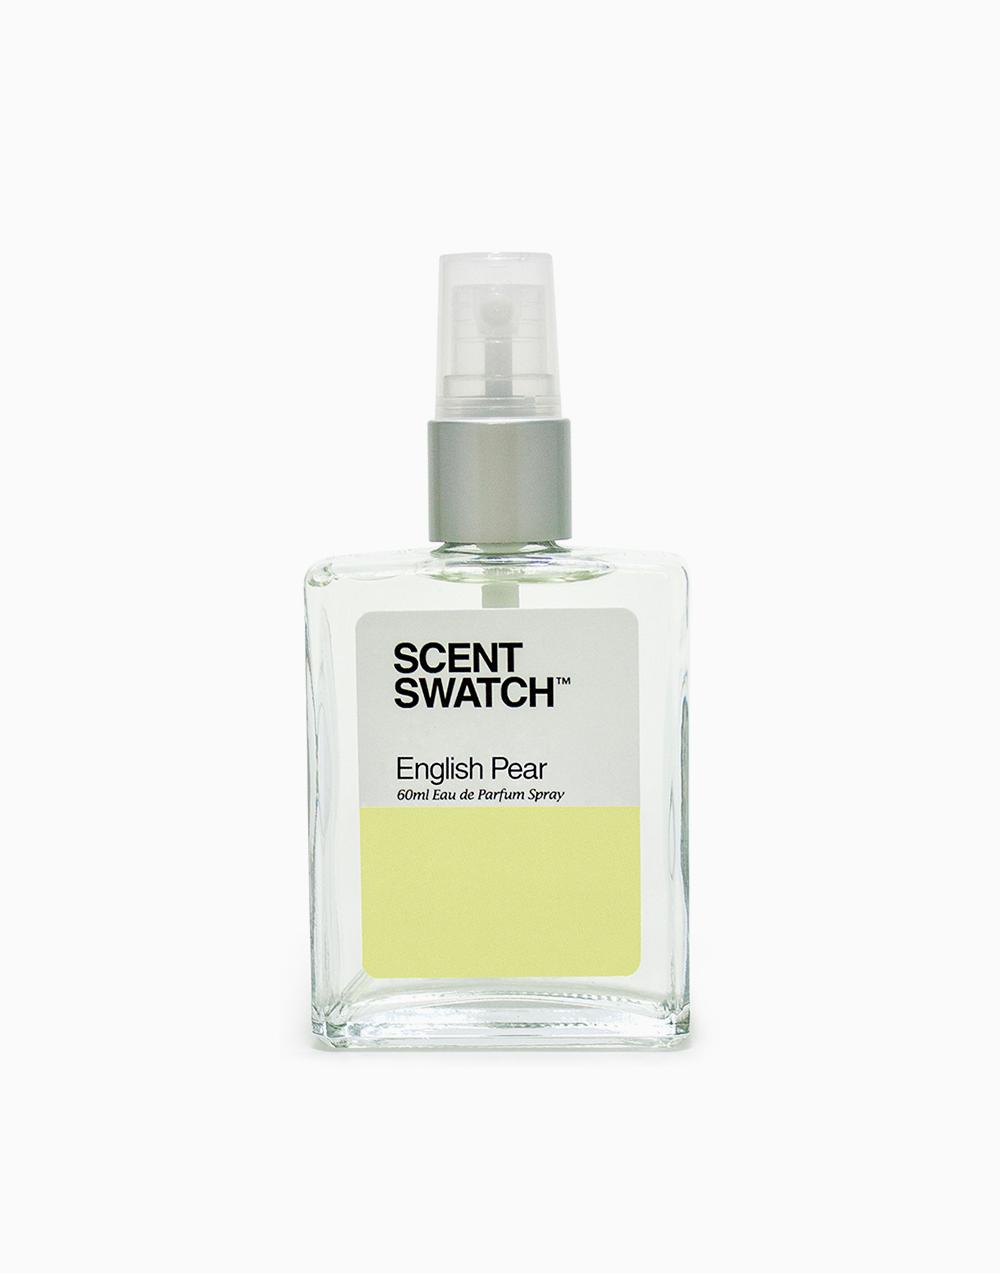 English Pear Eau de Parfum (60ml) by Scent Swatch